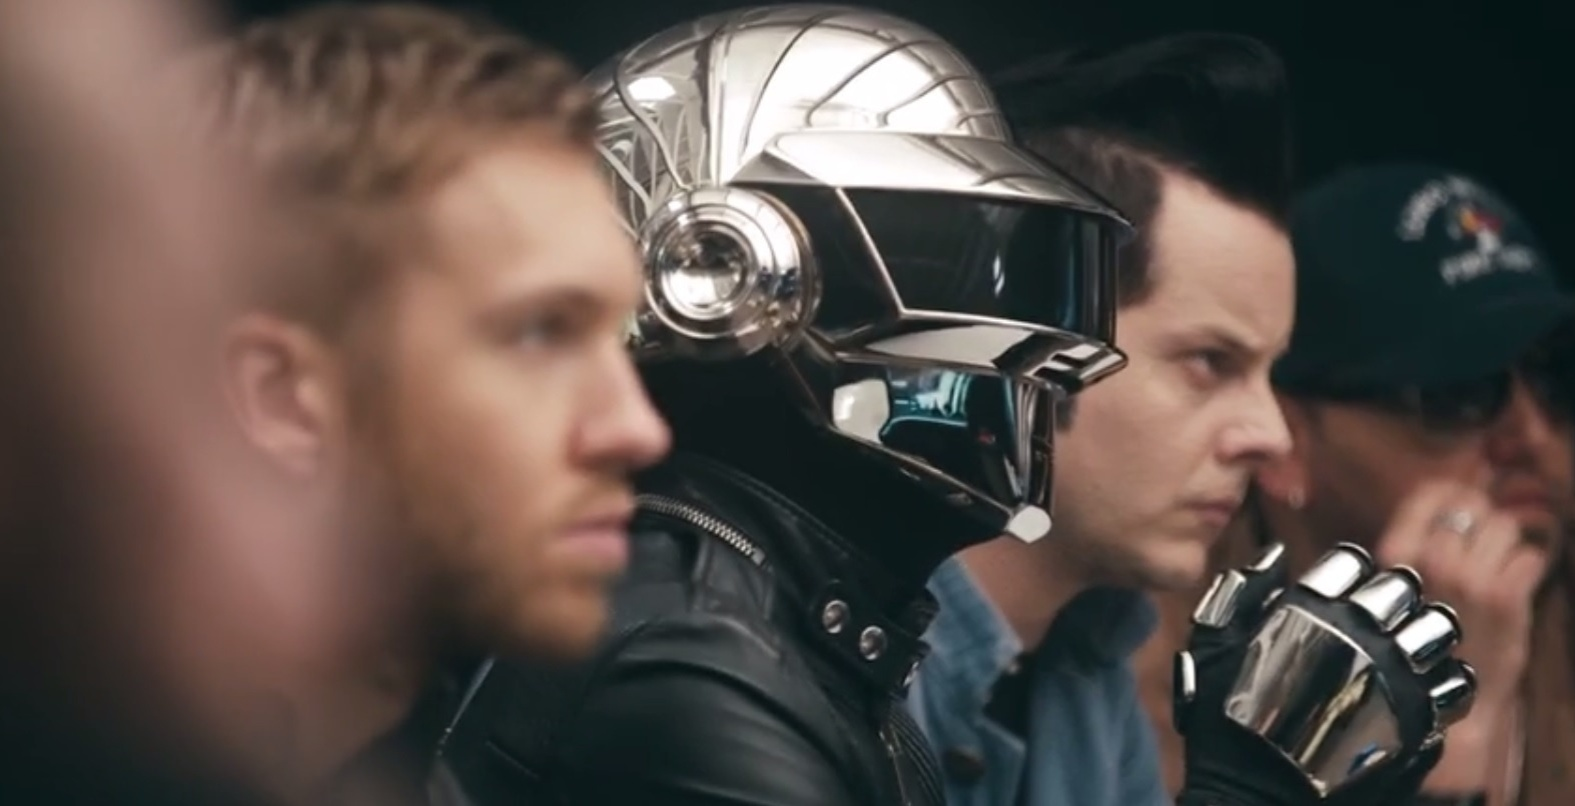 Artistas famosos apoiam o lançamento do serviço de streaming Tidal